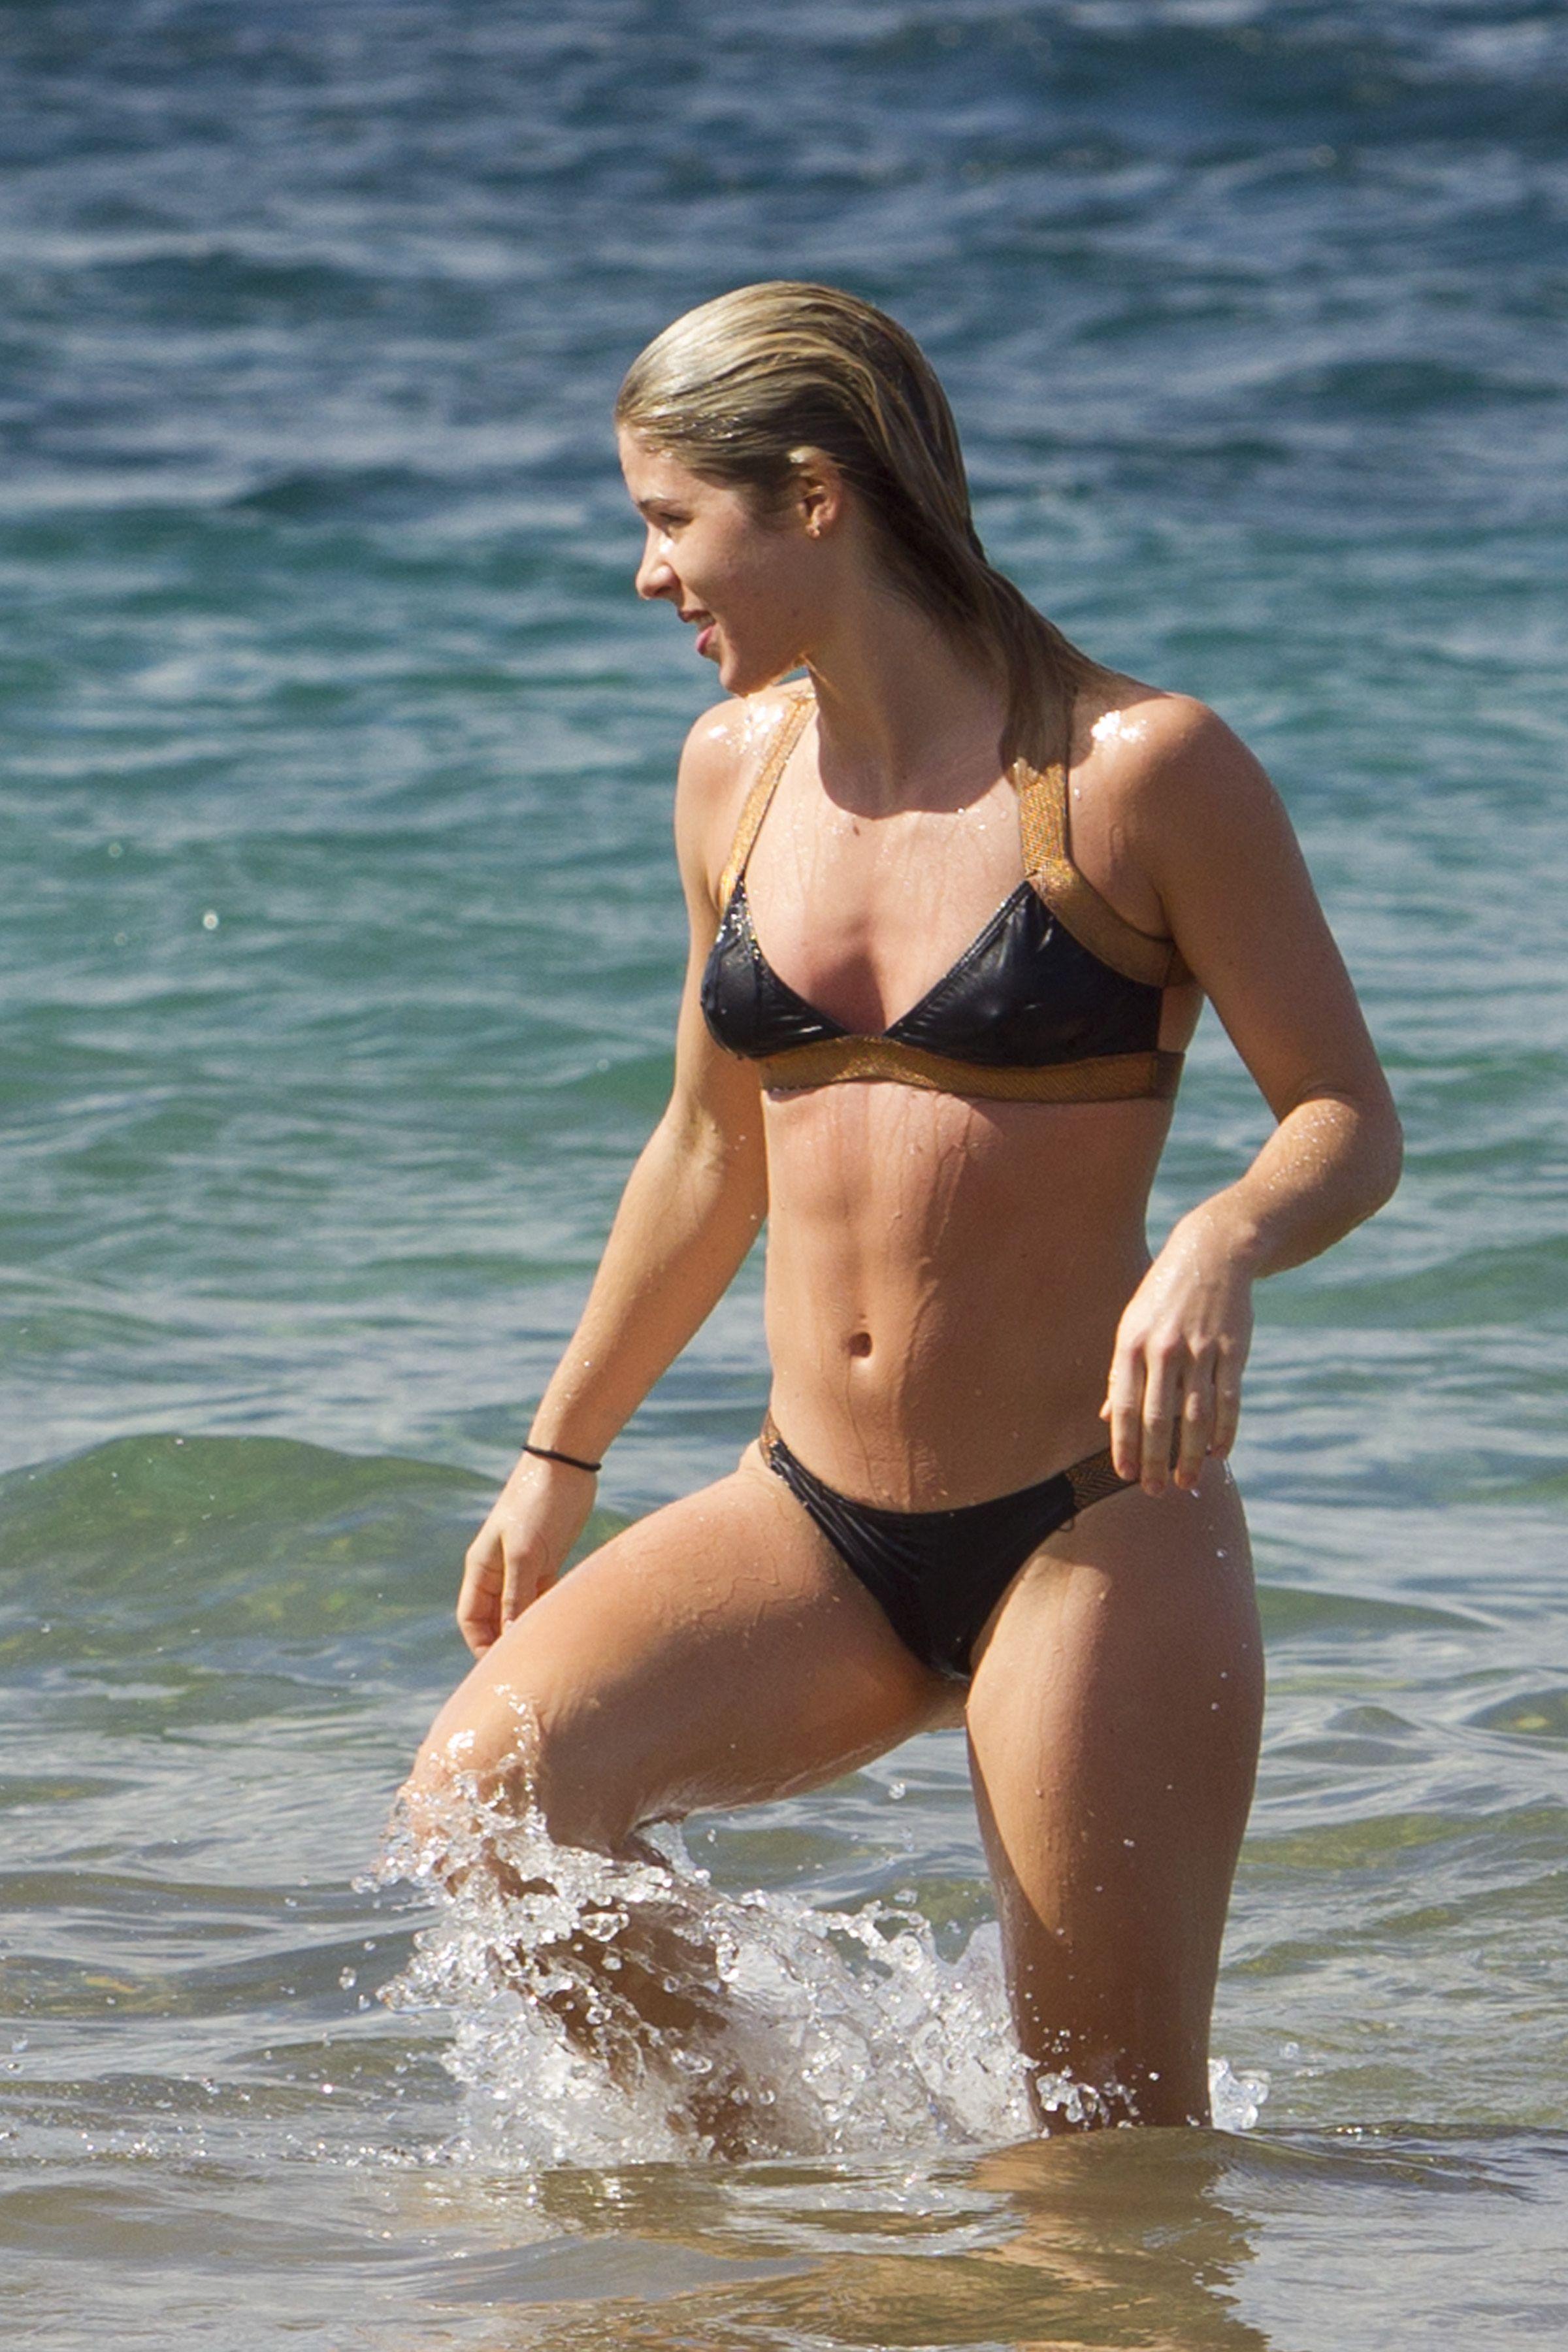 Bikini Pics Of Emily Bett...